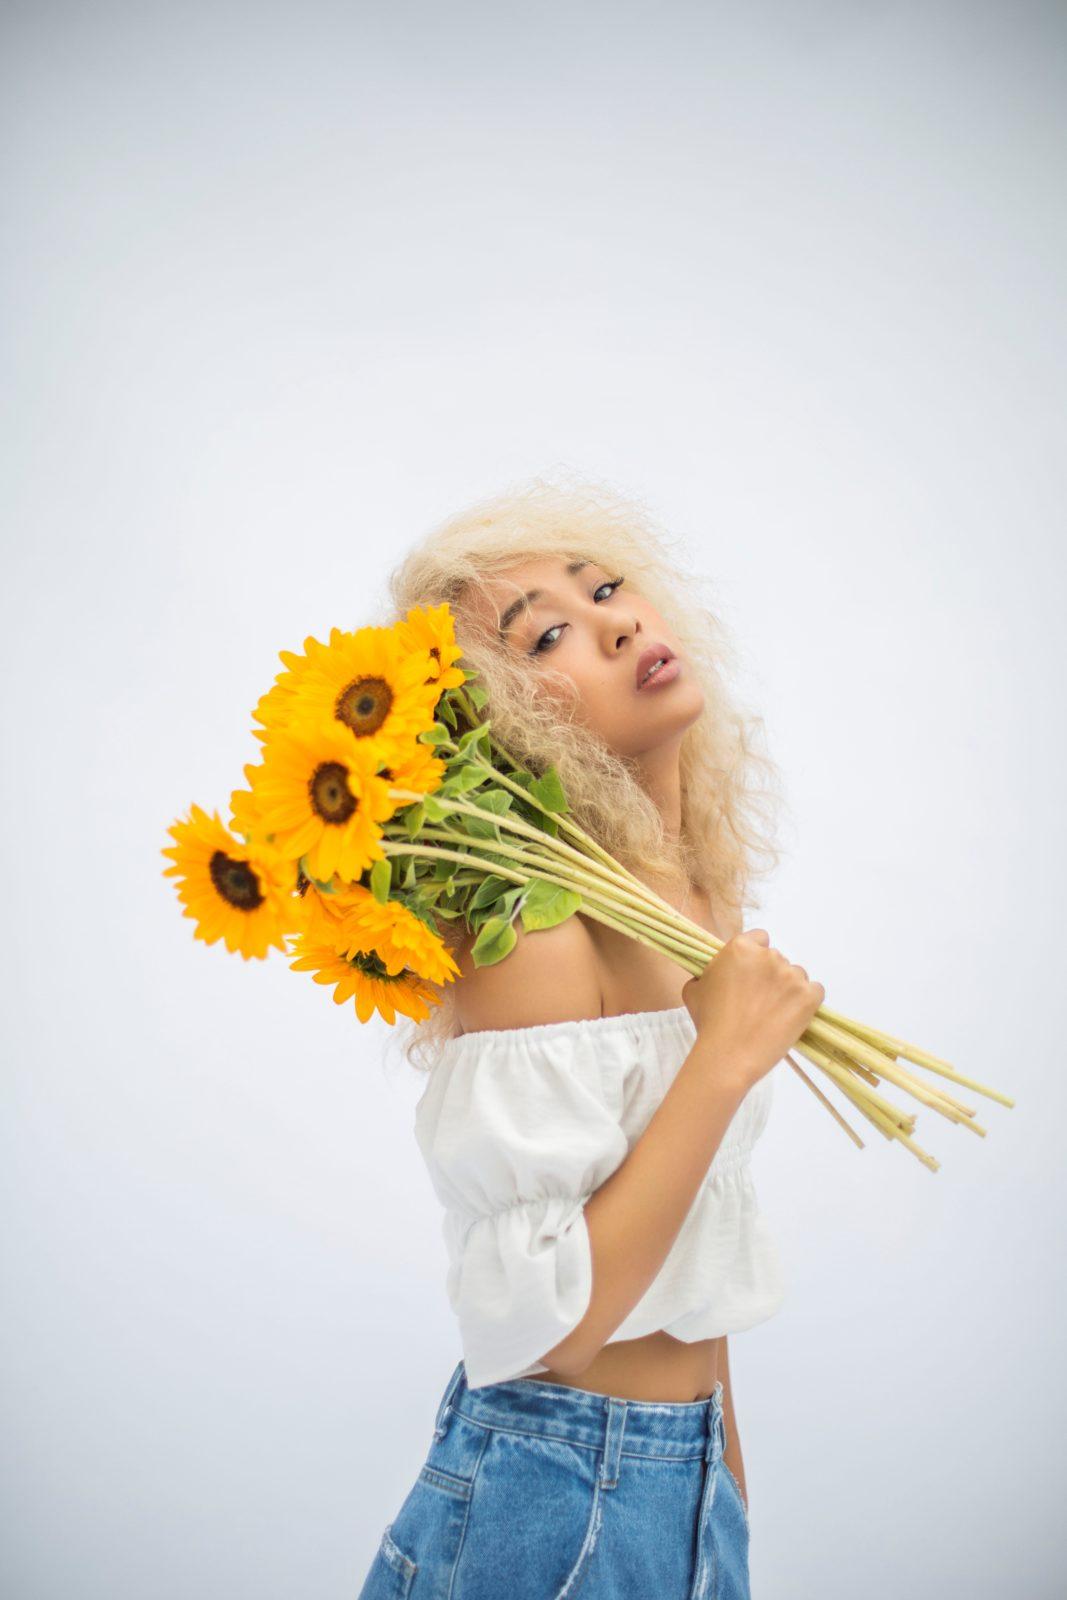 青山テルマ、新曲「一生仲間」MVにAI、けみお、RIEHATAら超豪華な仲間たちが参加!本人コメントも届くサムネイル画像